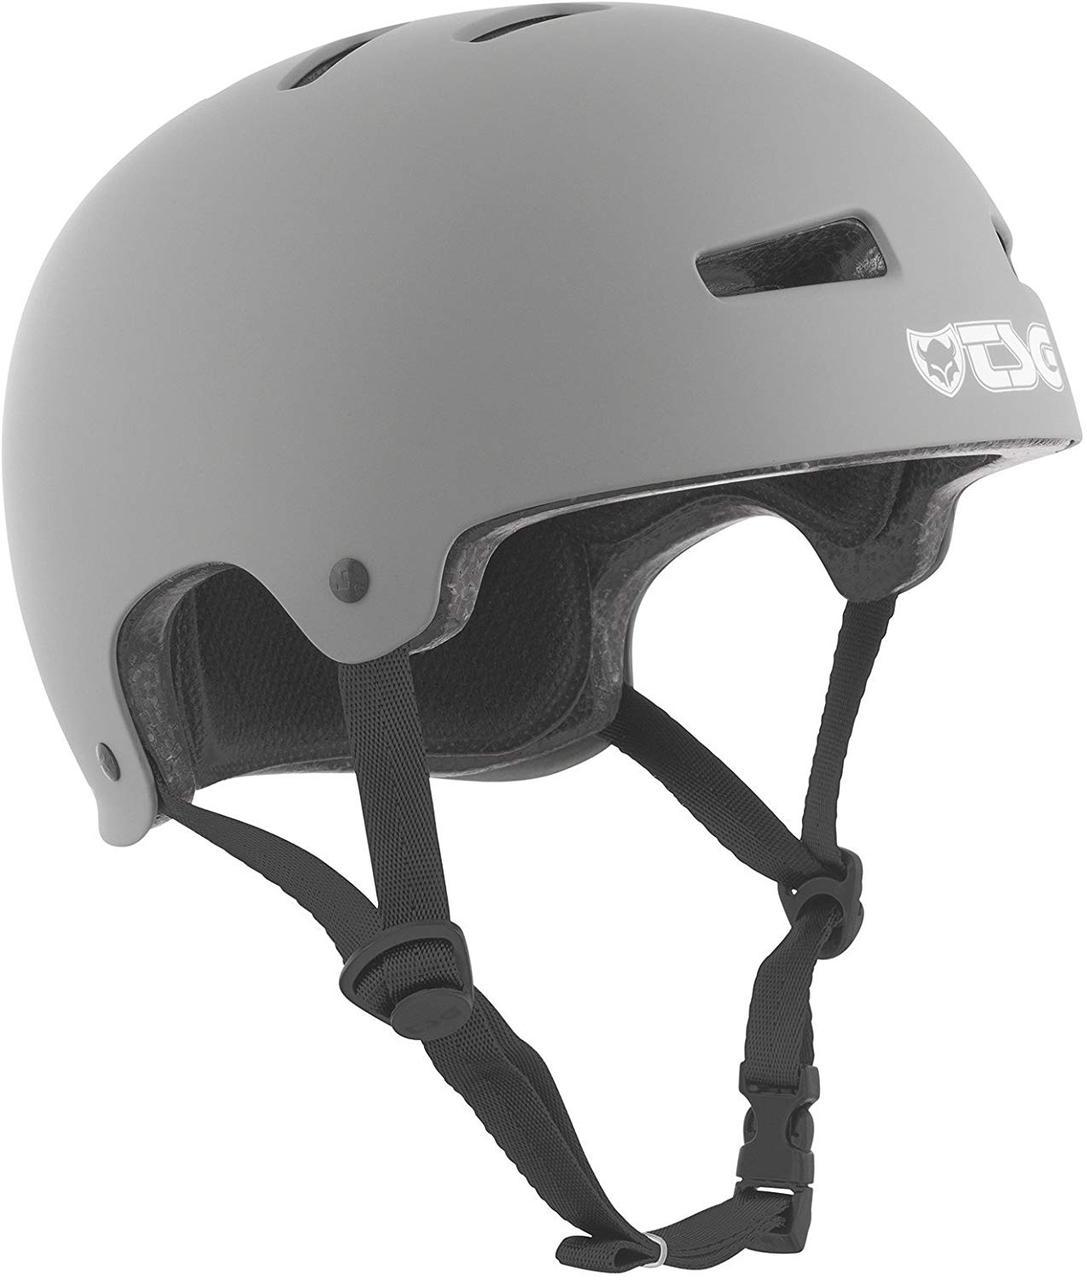 Шлем велосипедный - TSG  S/M, 75046